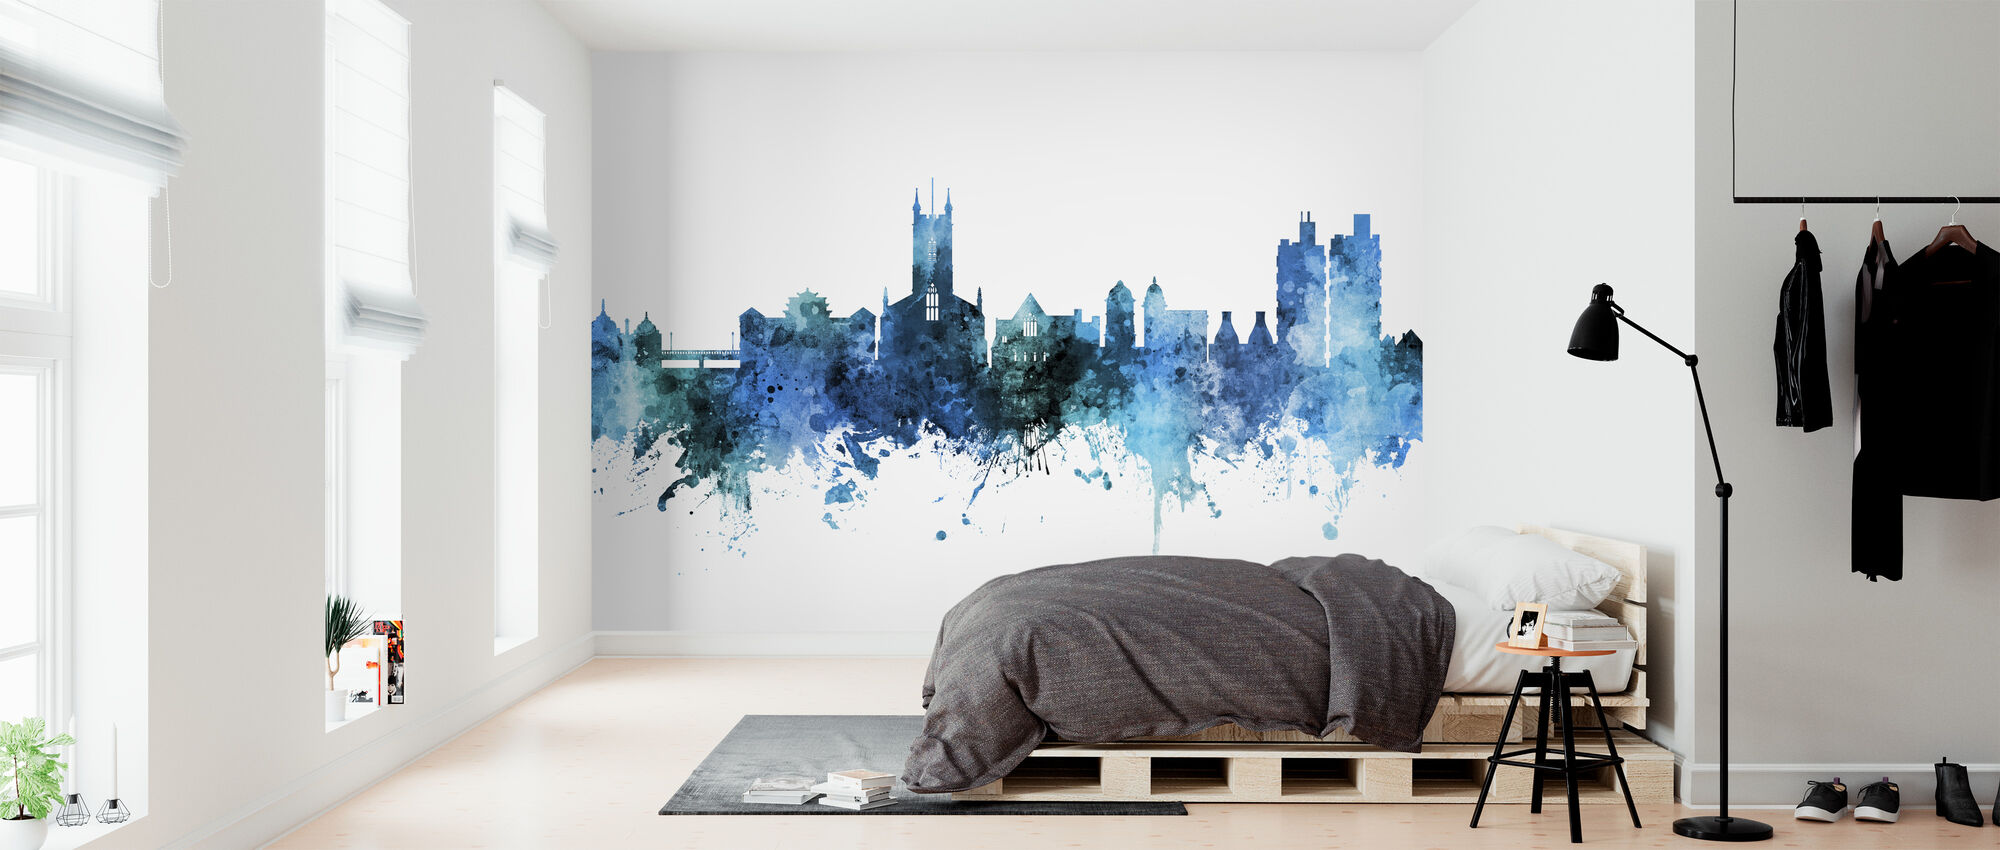 Stoke-on-Trent England Skyline - Wallpaper - Bedroom